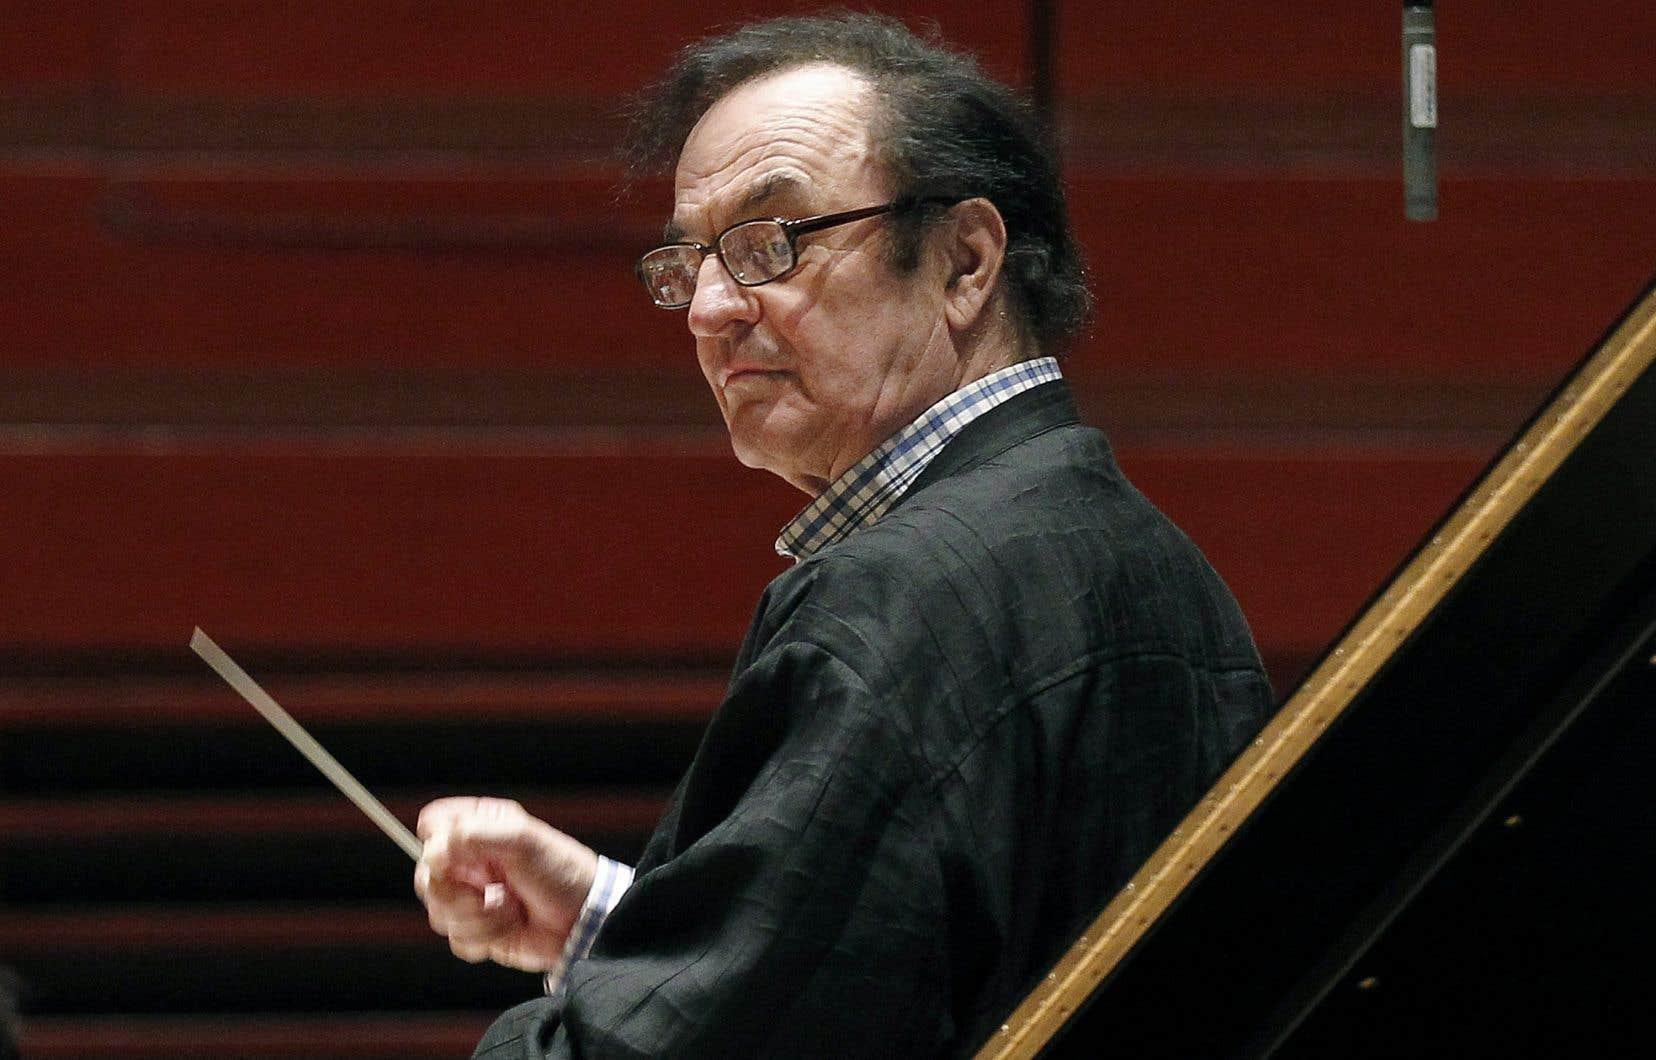 L'Orchestre symphonique de Boston figure parmi plusieurs orchestres ayant coupé les liens avec M.Dutoit.